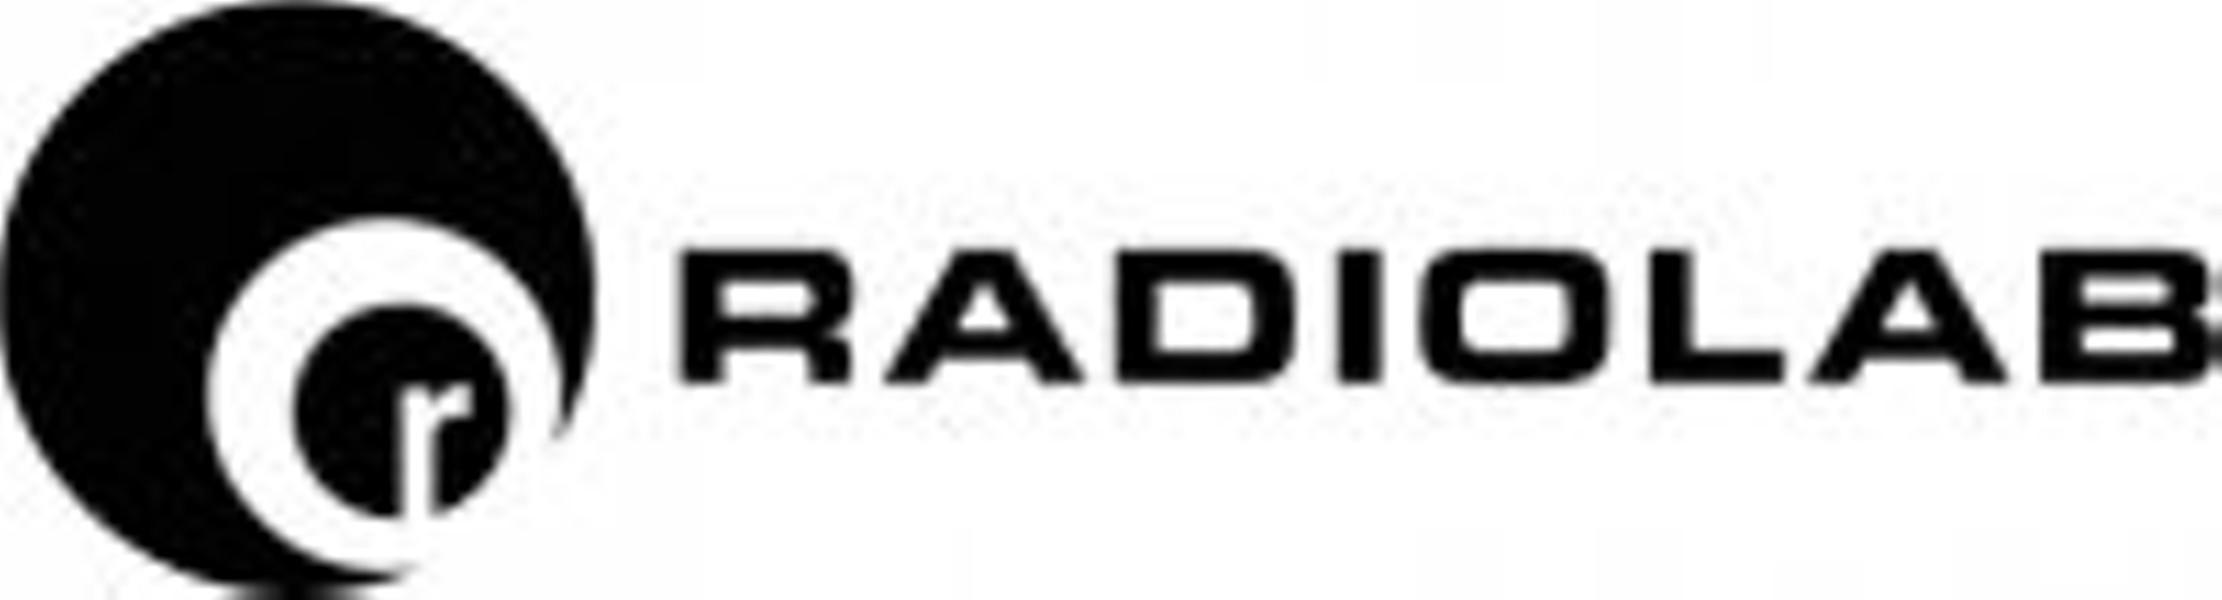 _resized_200x54_a_c_fyc_radiolab.jpg